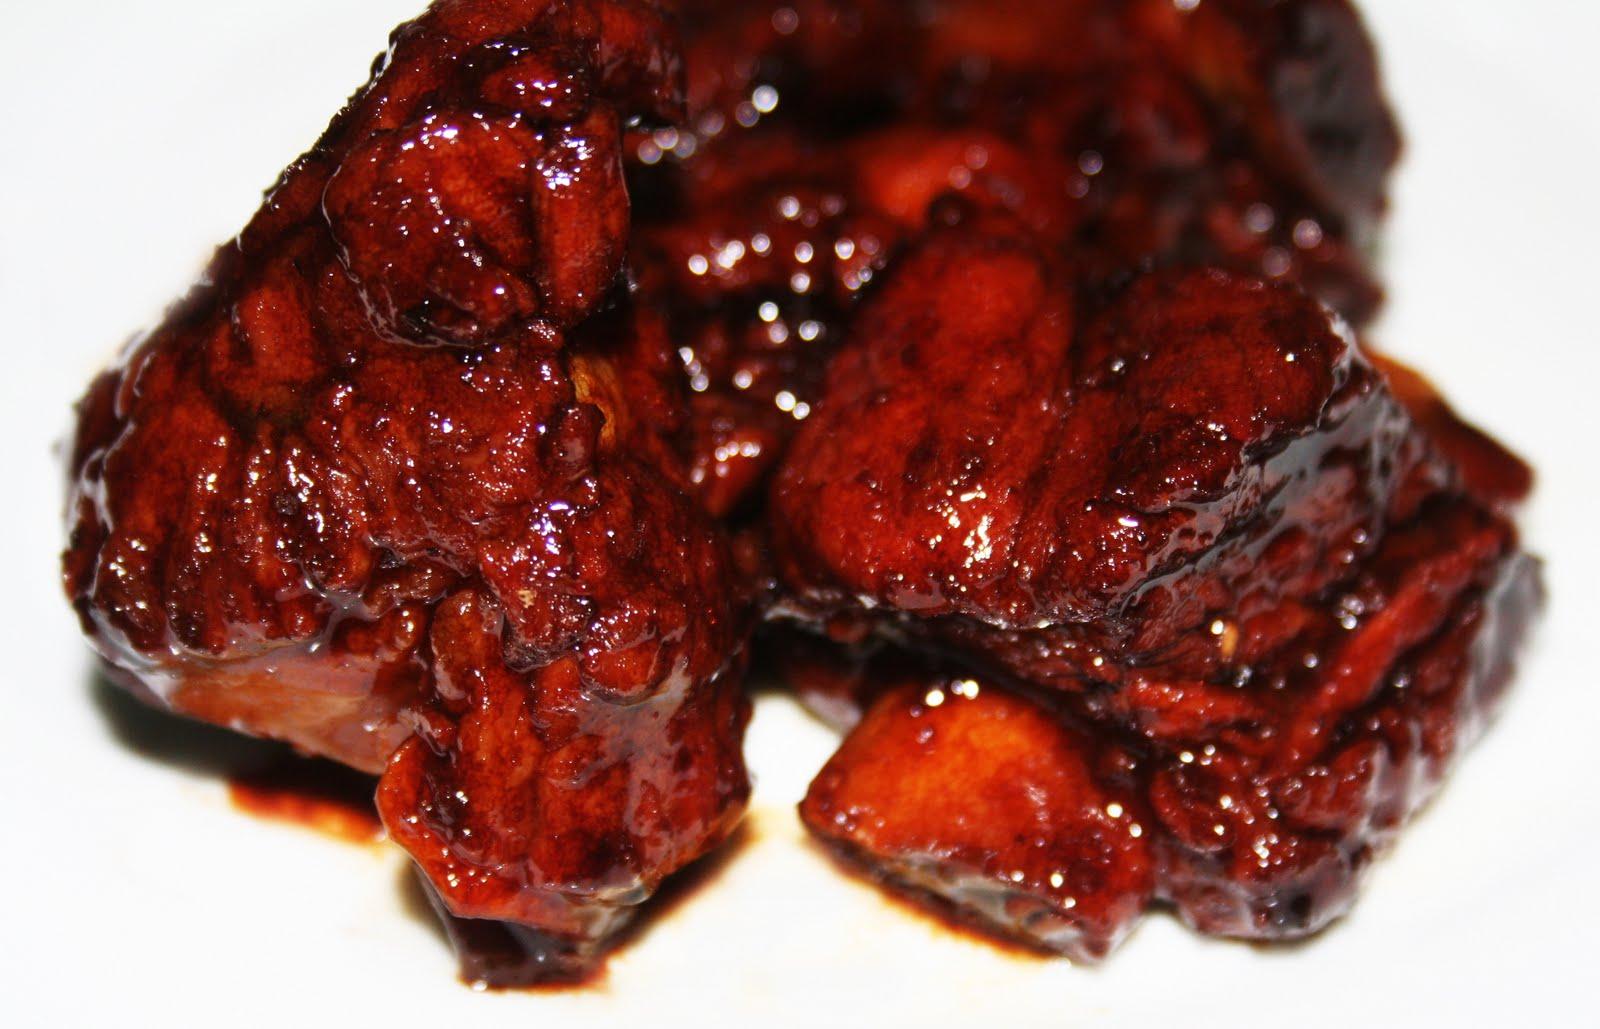 La cuisine de bernard travers de porc cantonais caram lis s - Cuisiner travers de porc ...